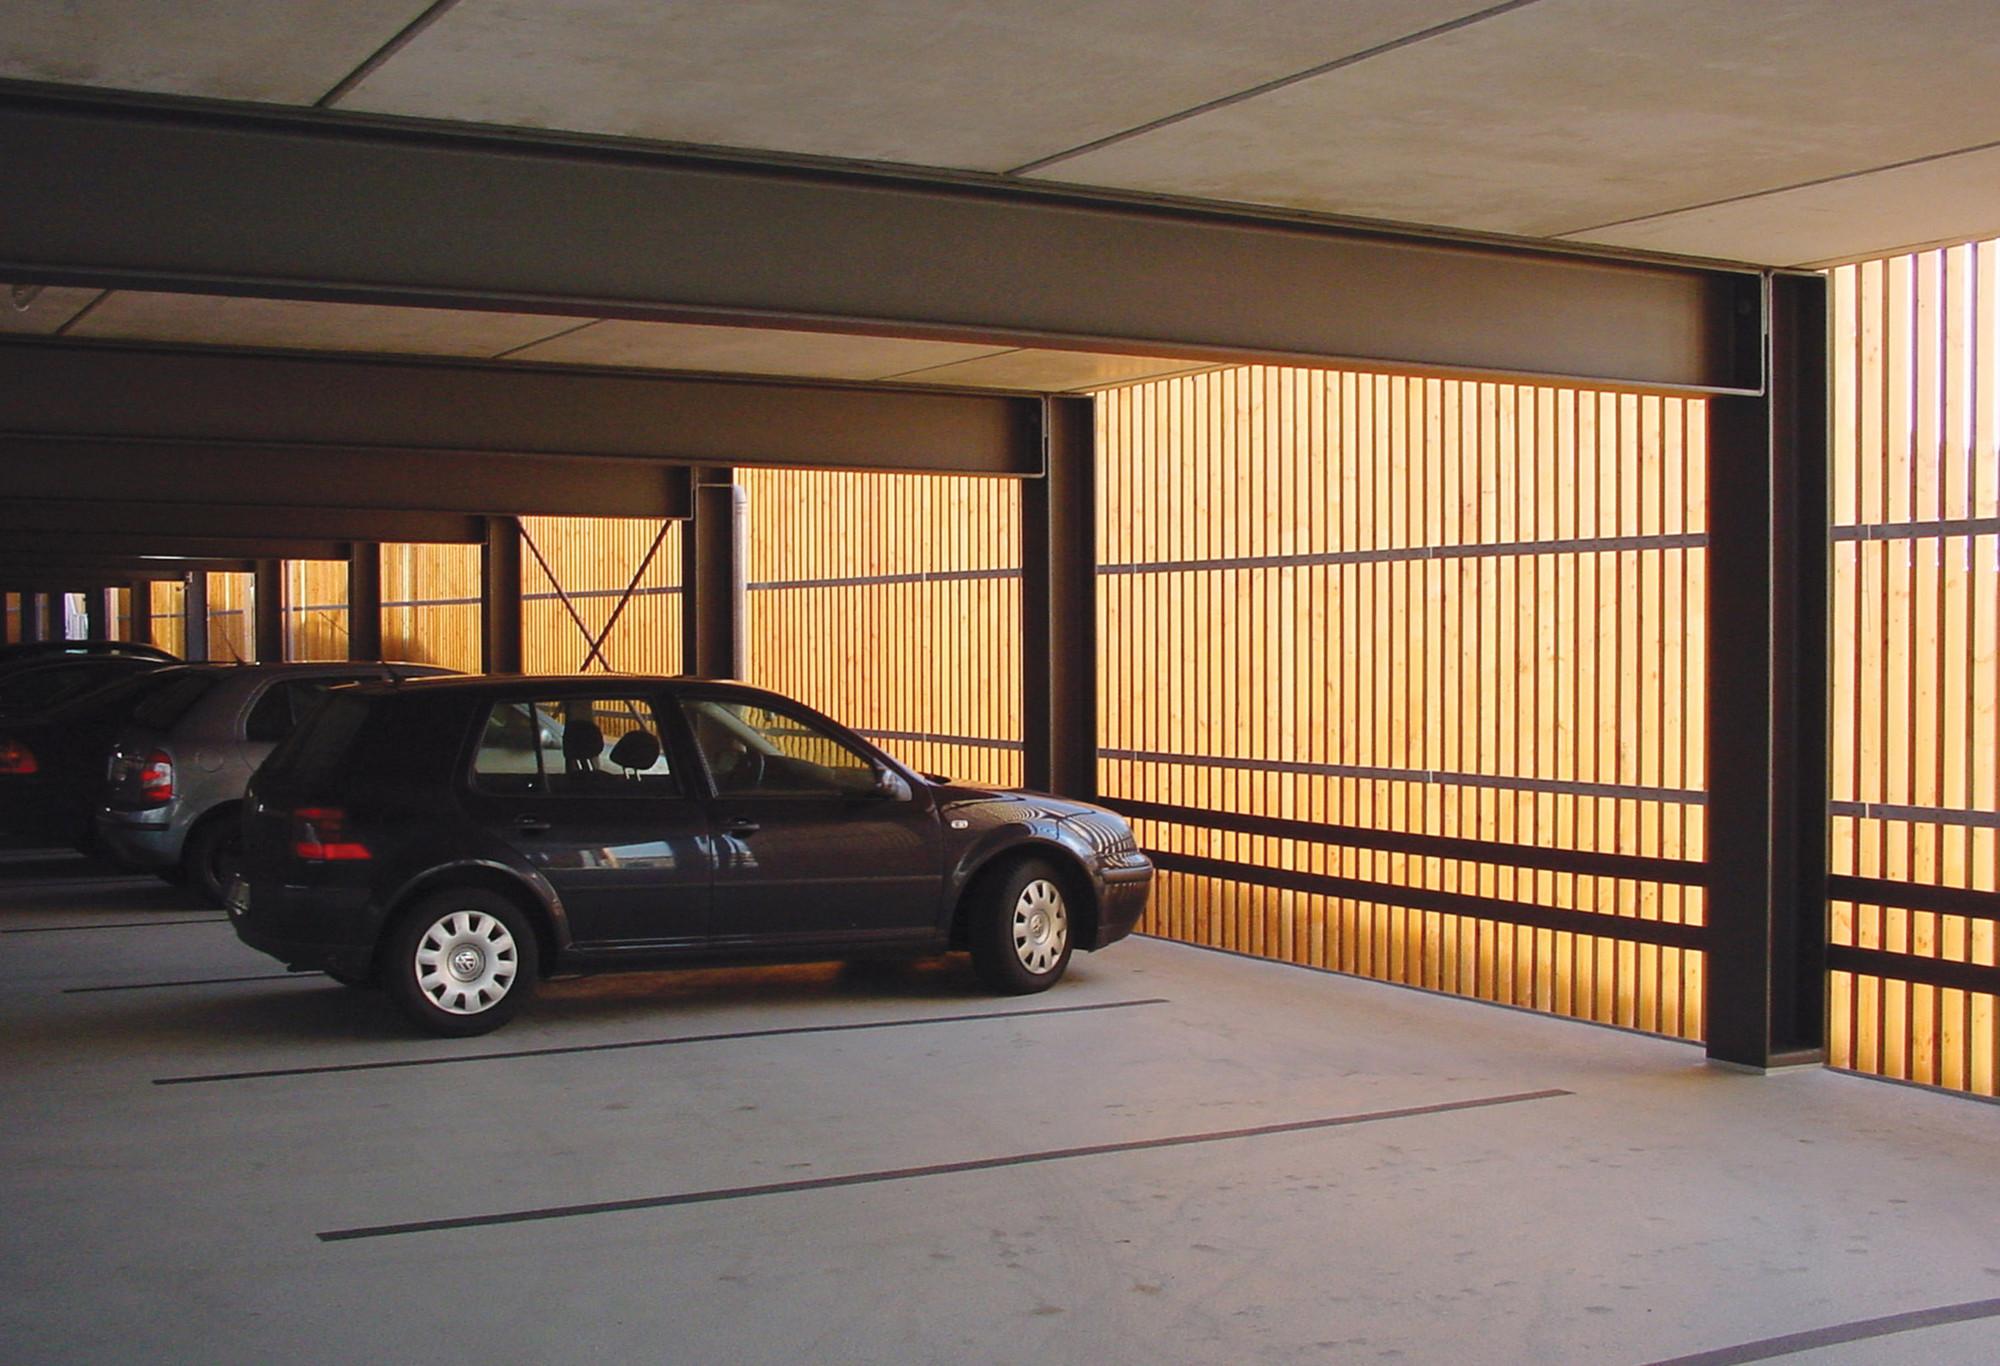 Architekten Coesfeld parking garage birk heilmeyer und frenzel architekten archdaily